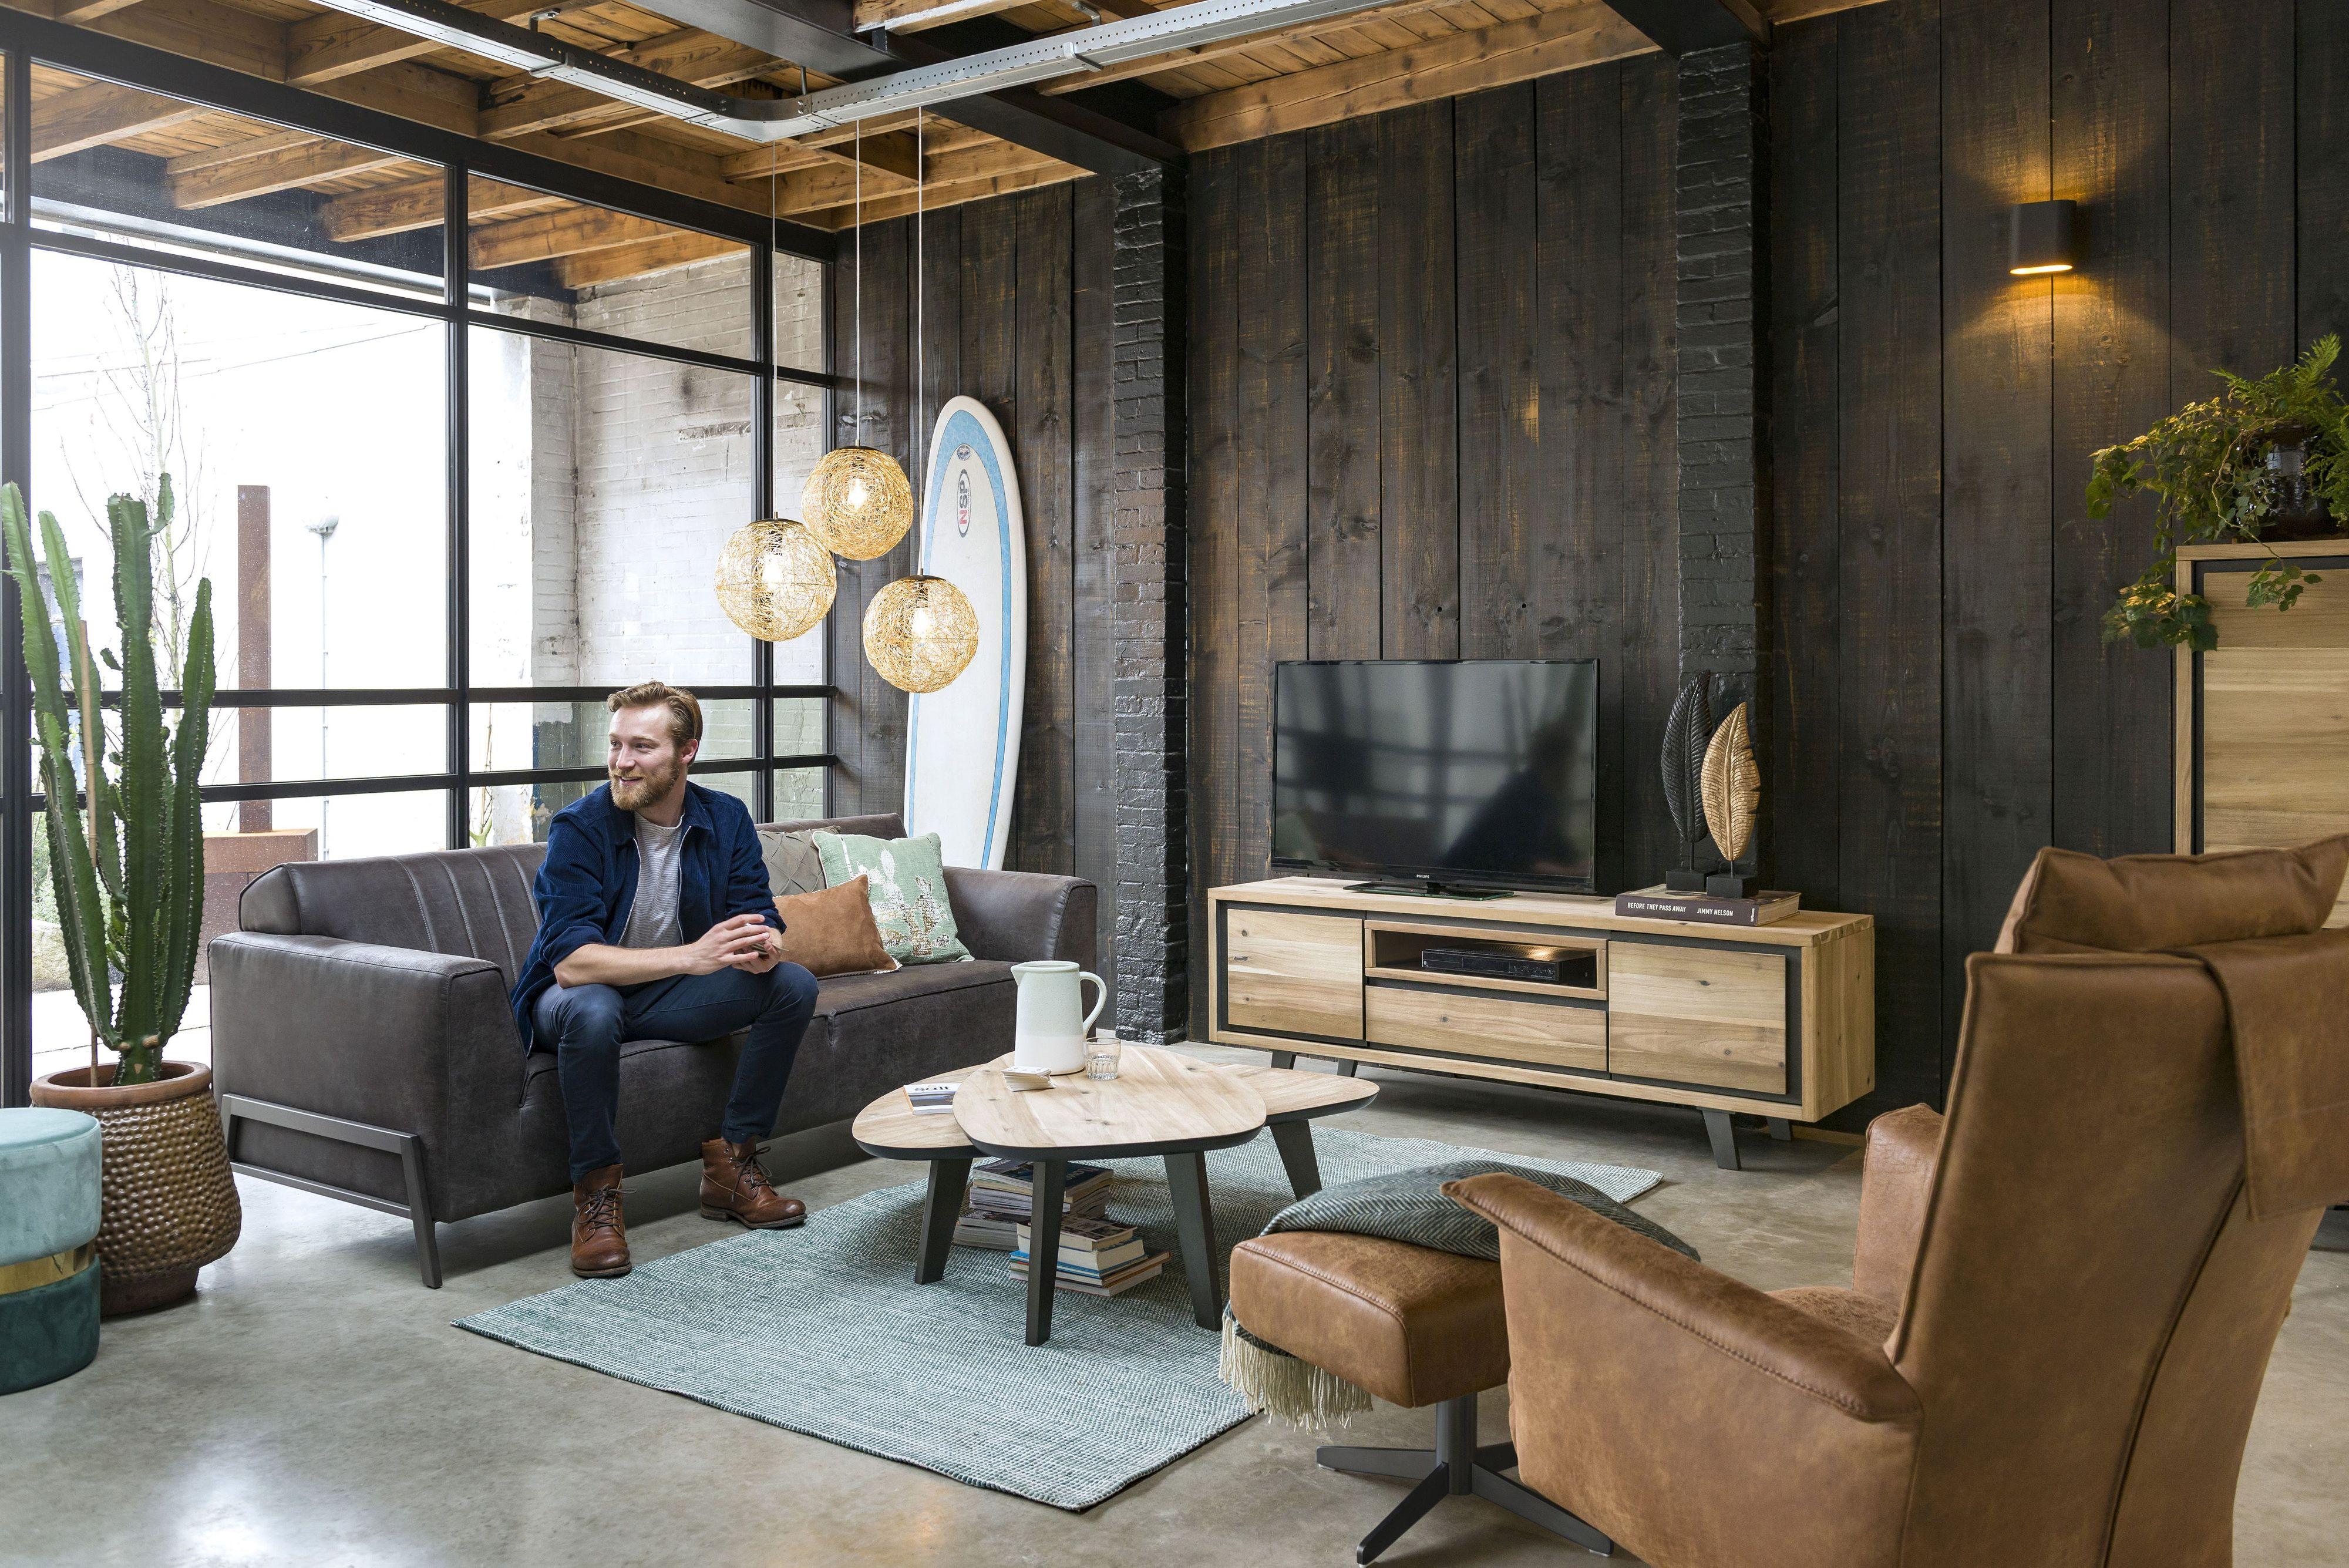 Gedeckte Grundfarben und Möbel aus Holz und Metall: Das passt zum Industriedesign und zum Vintage-Look. Foto: djd/Henders & Hazel - Kollektion Prato/Zembla